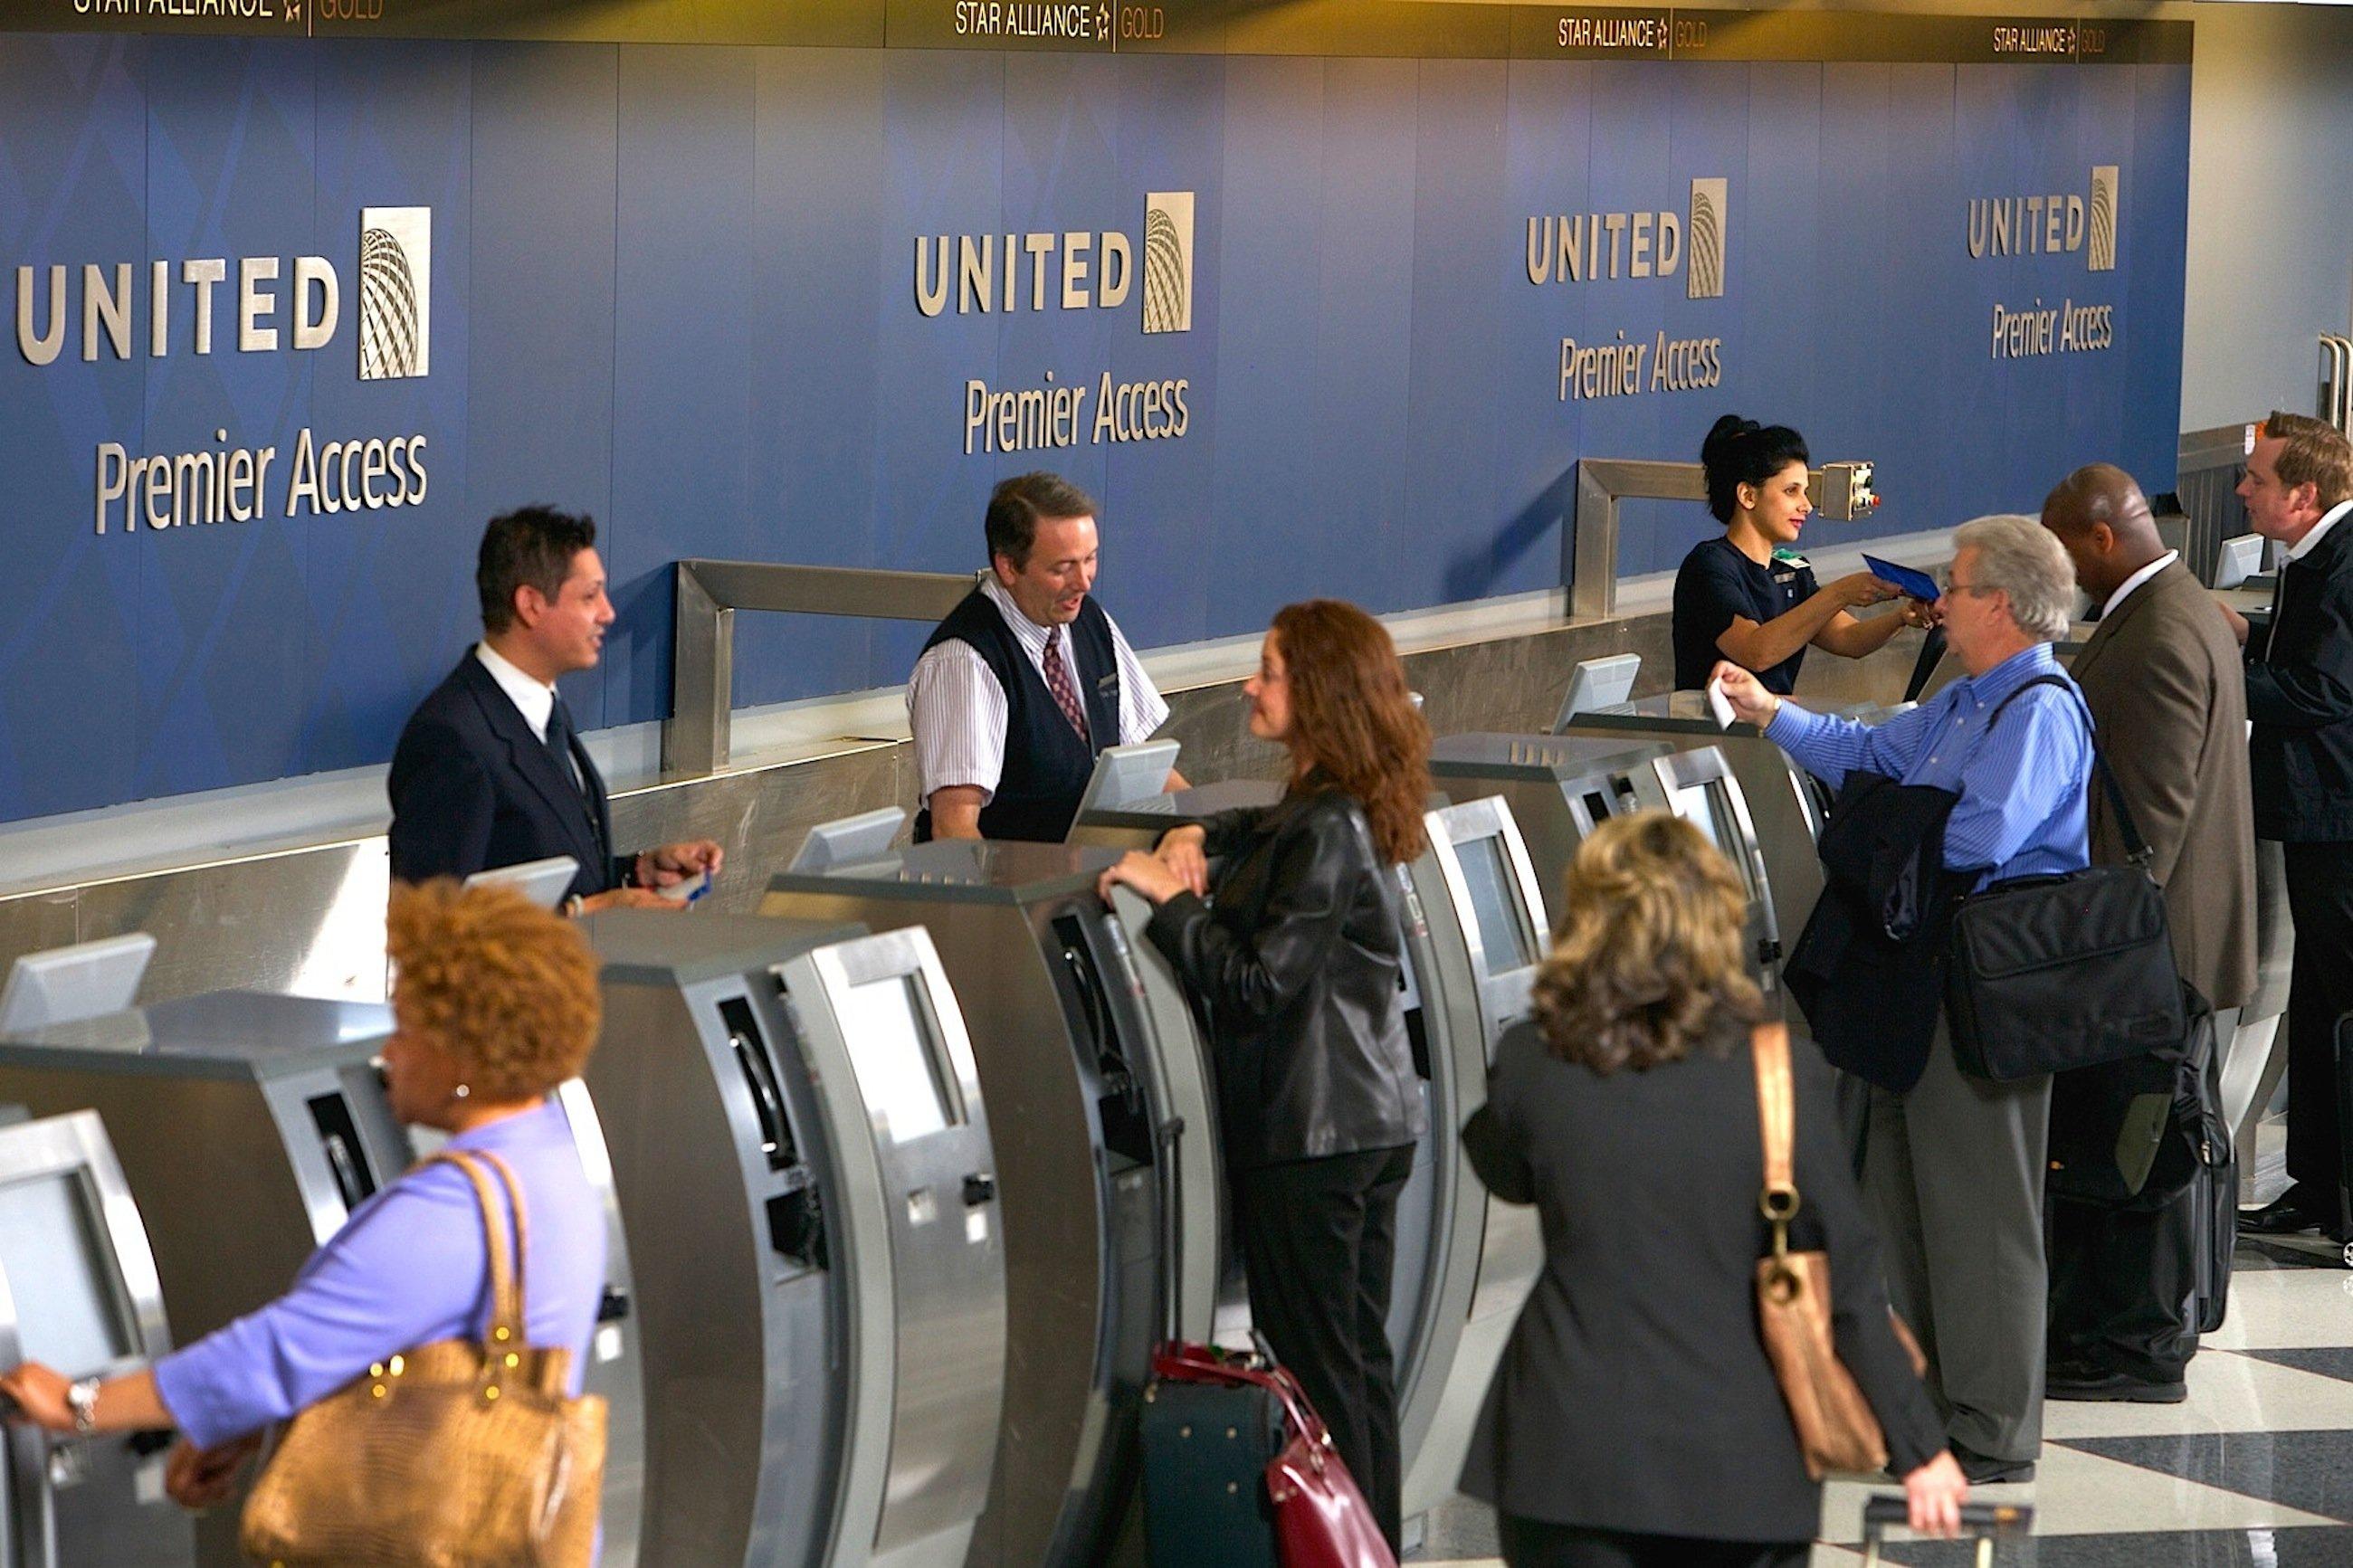 Seit der Fusion von United Airlines und Continental Airlines kommt es durch dasZusammenführen der IT- und Buchungssysteme beider Fluggesellschaften immer wieder zu Computerproblemen.